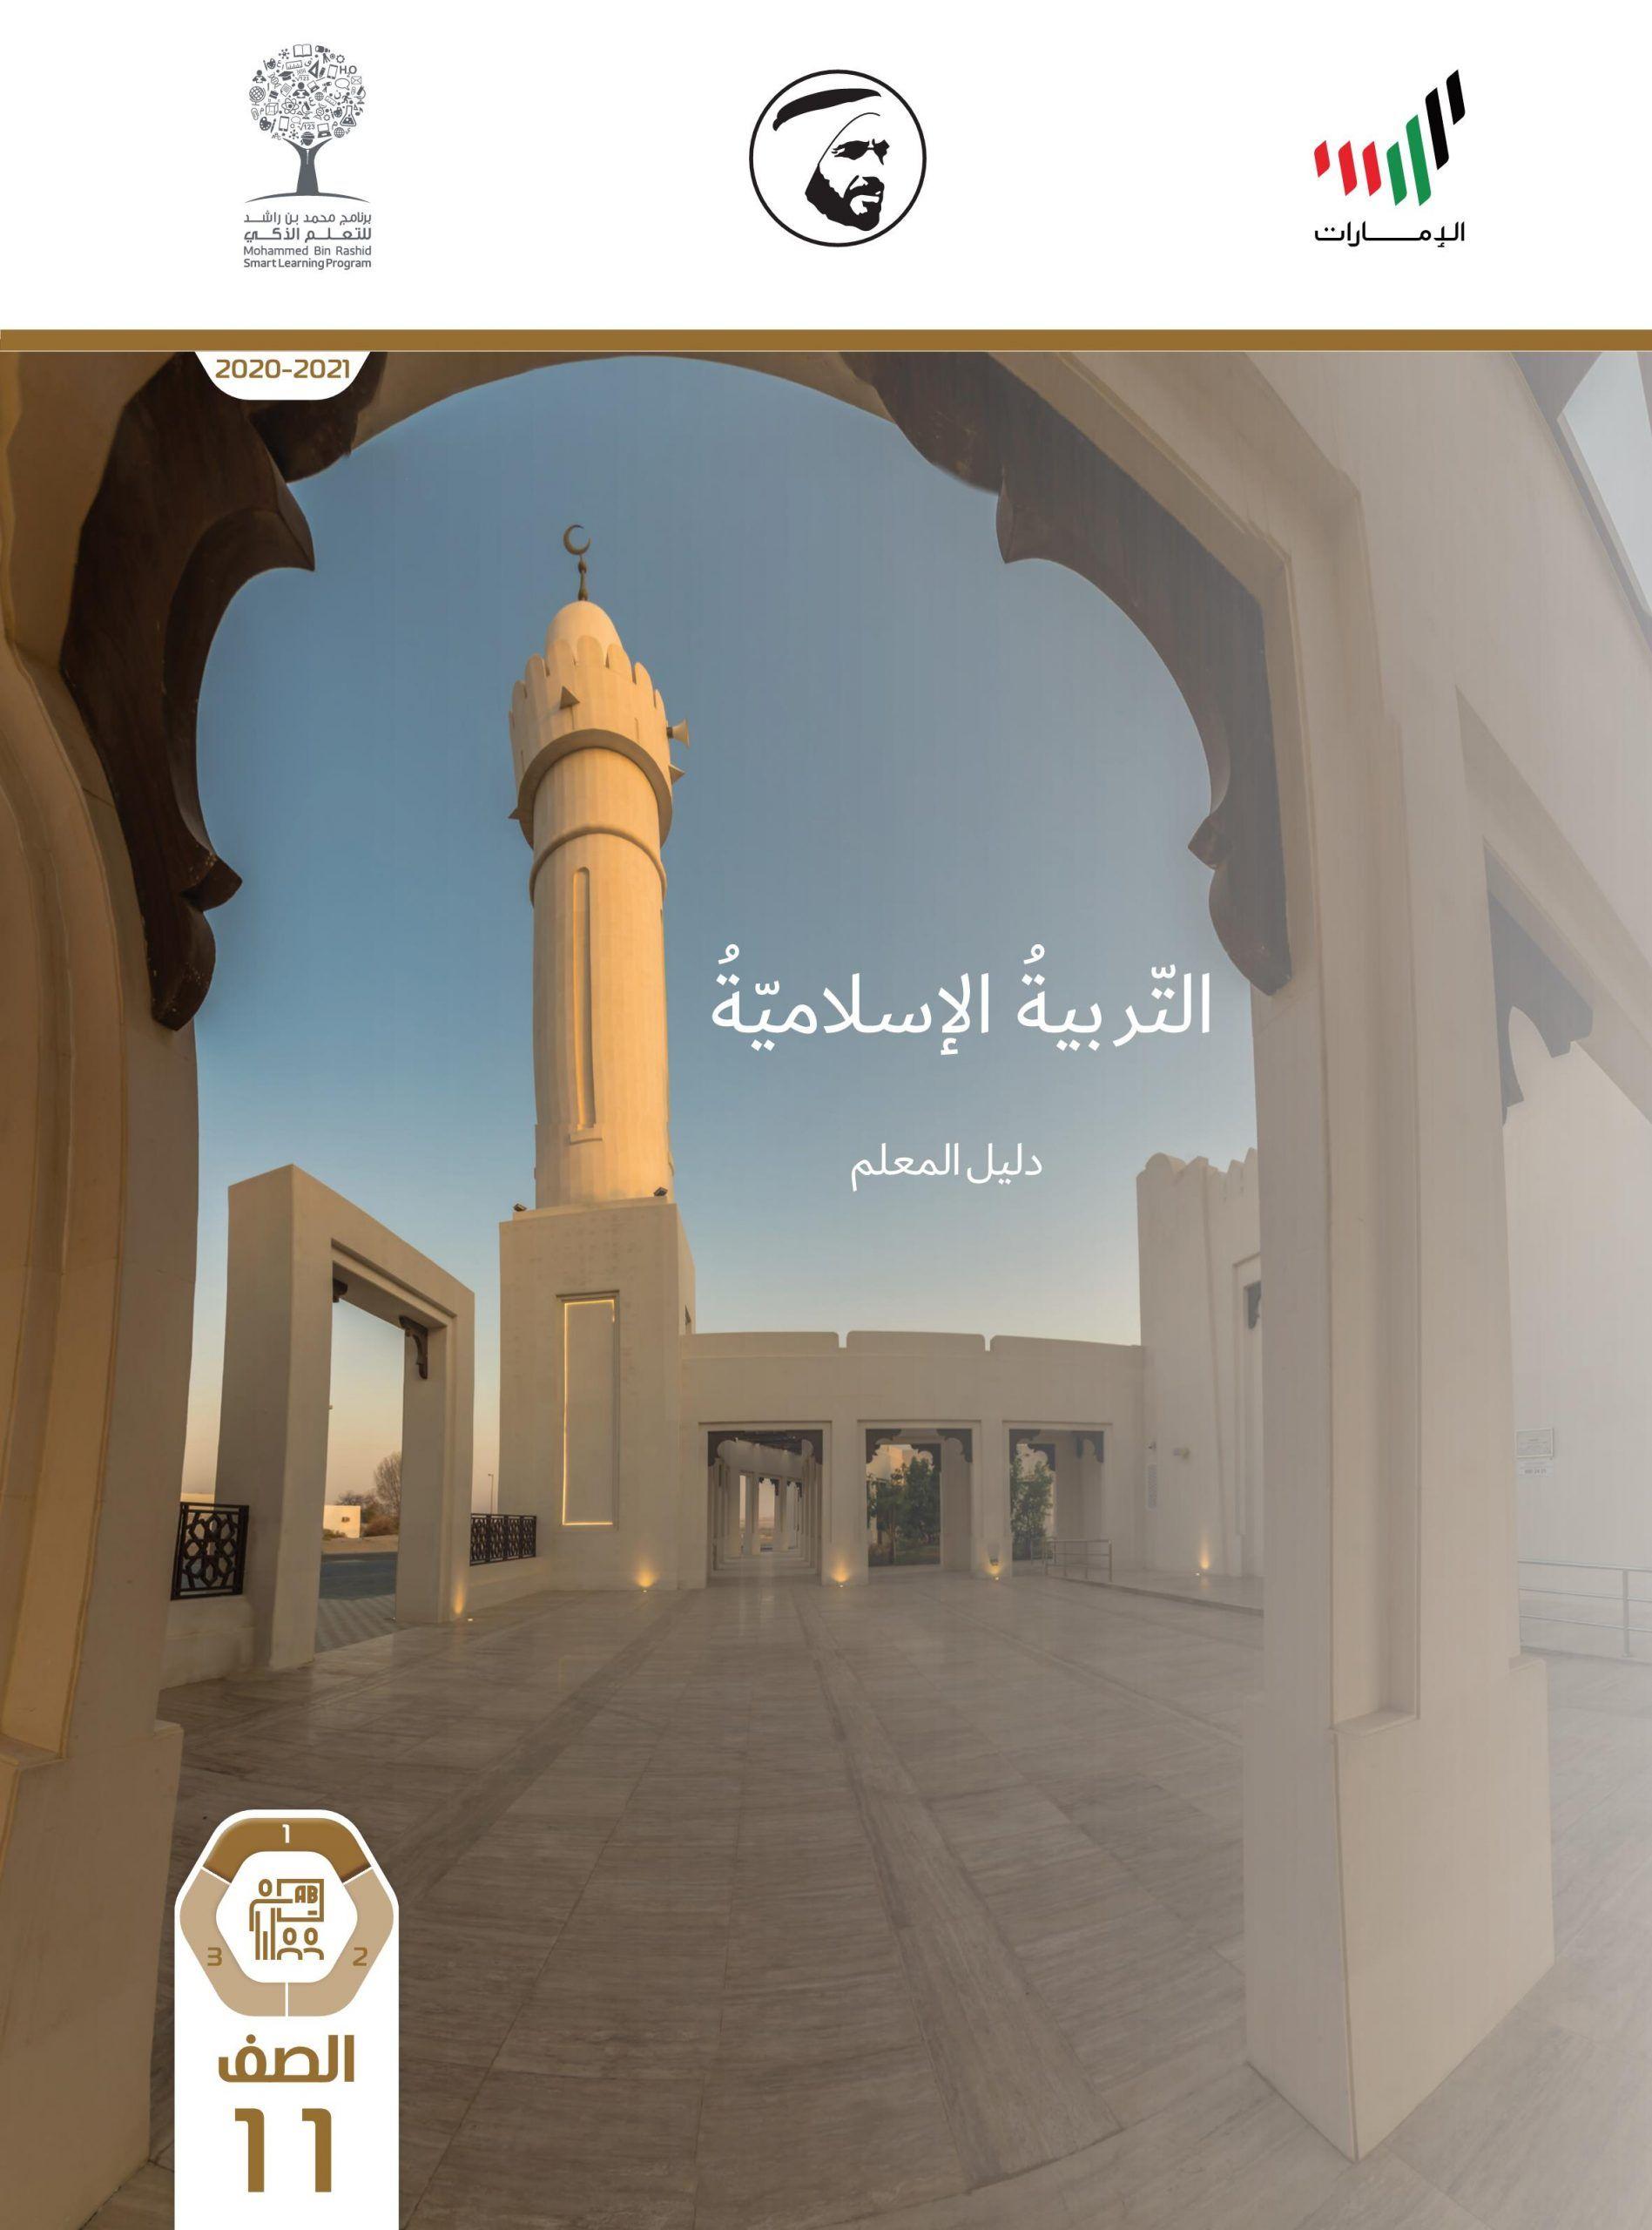 دليل المعلم 2020 2021 للصف الحادي عشر مادة التربية الاسلامية Movie Posters Poster Movies